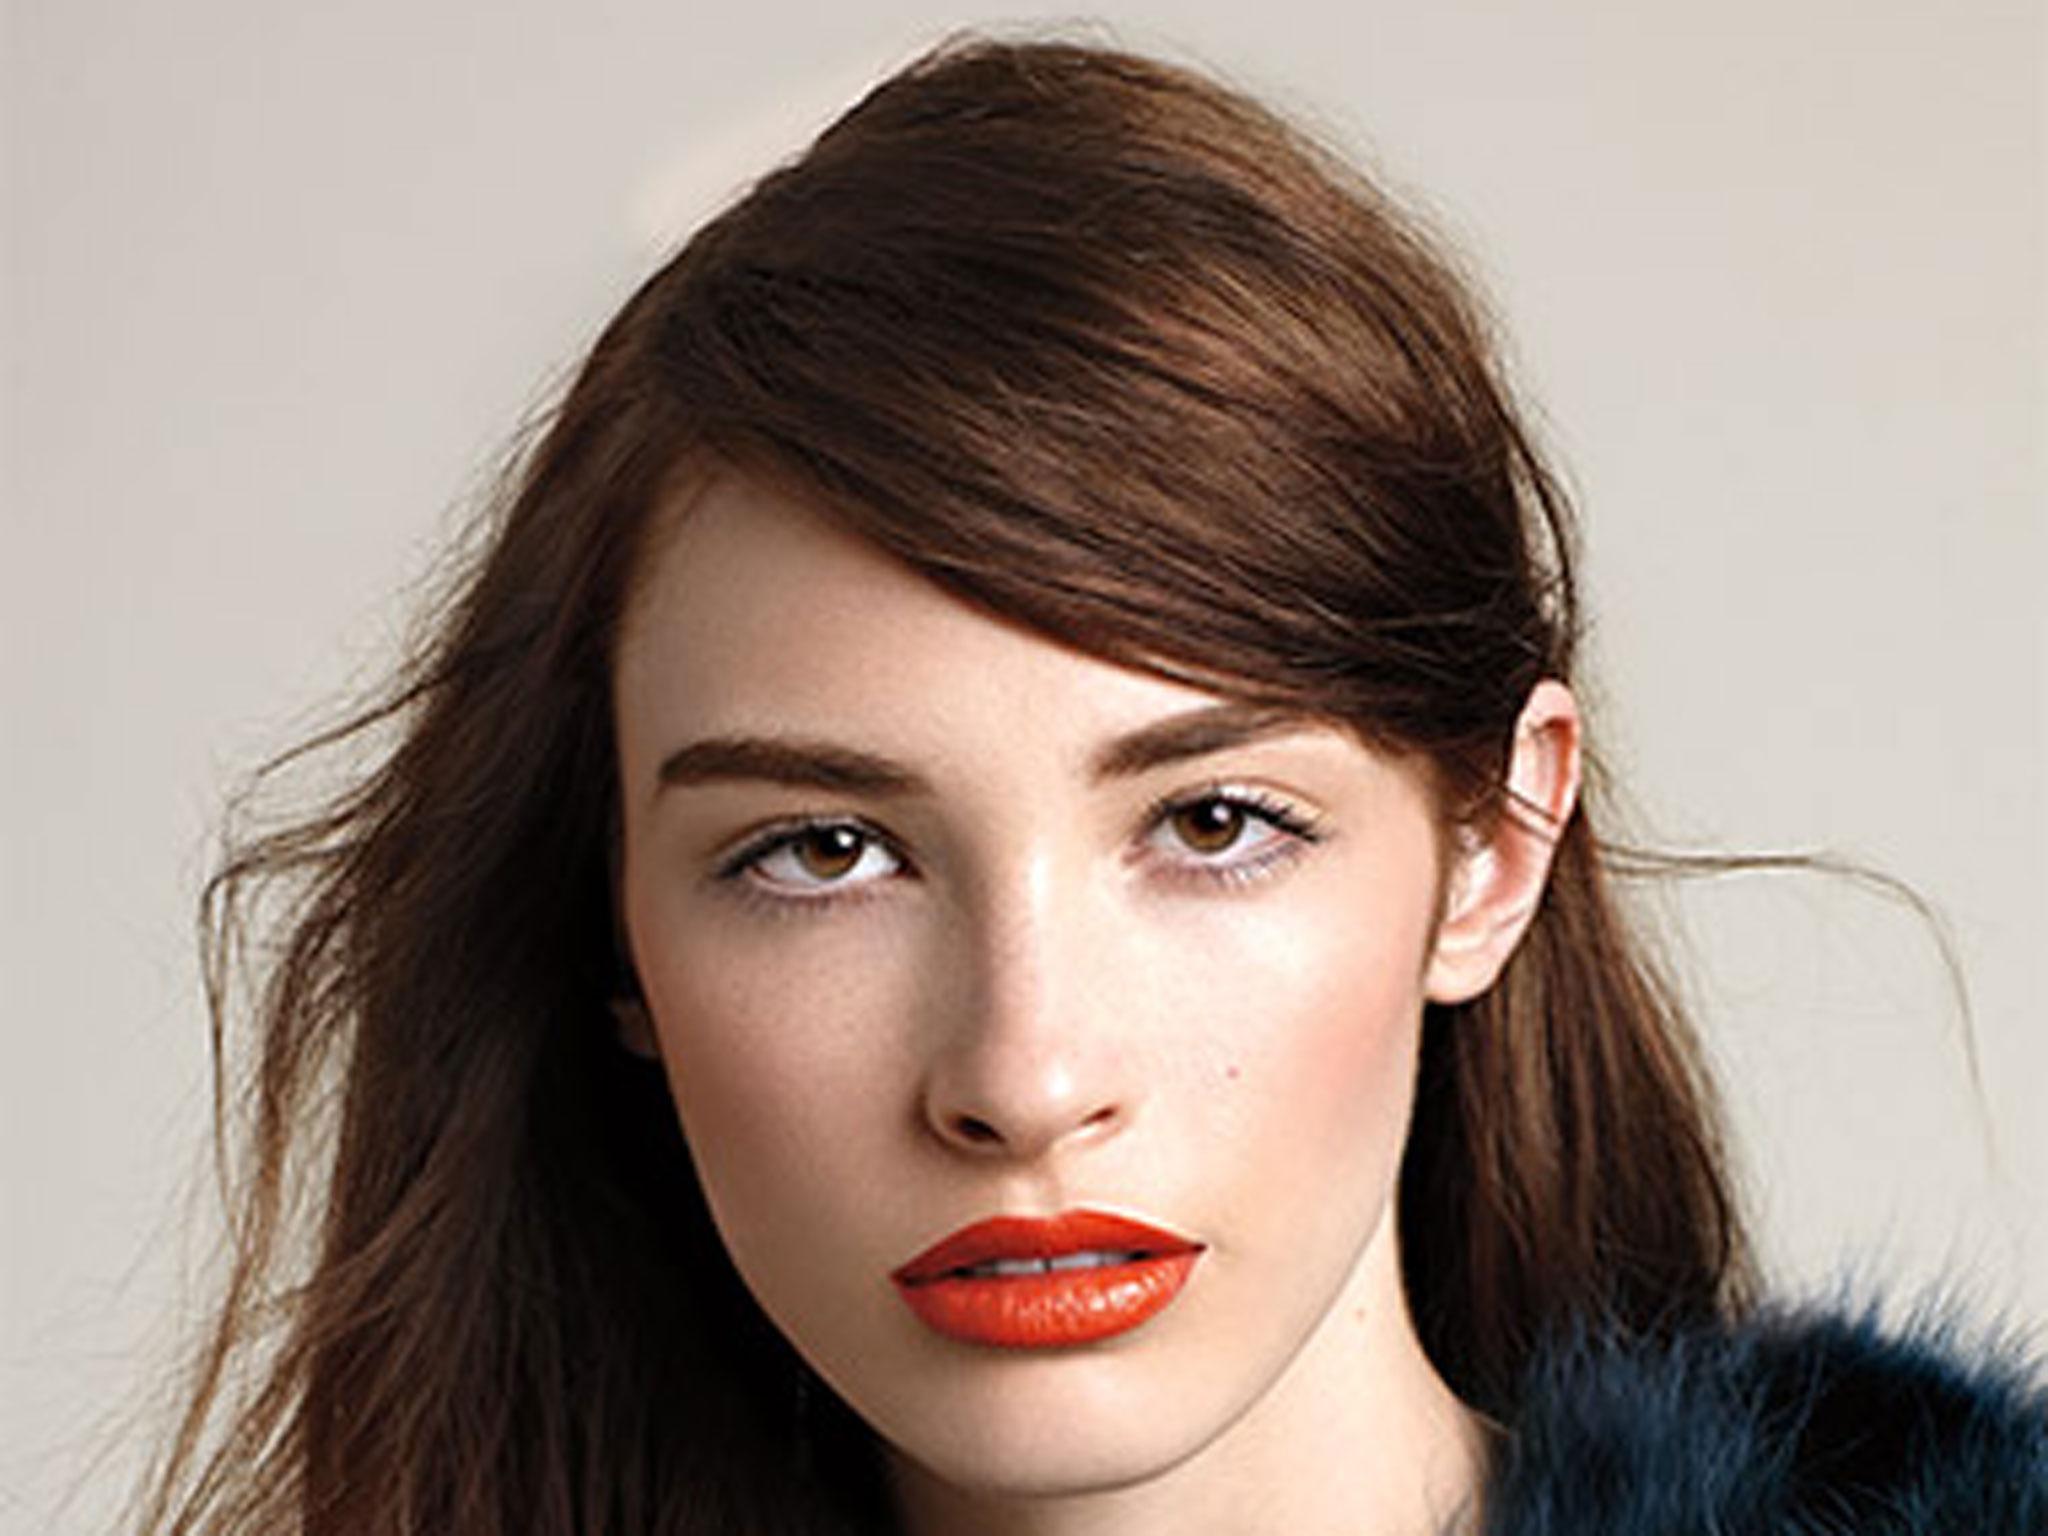 K Style Hair And Beauty Arklow: 7 Best Texture Hair Sprays